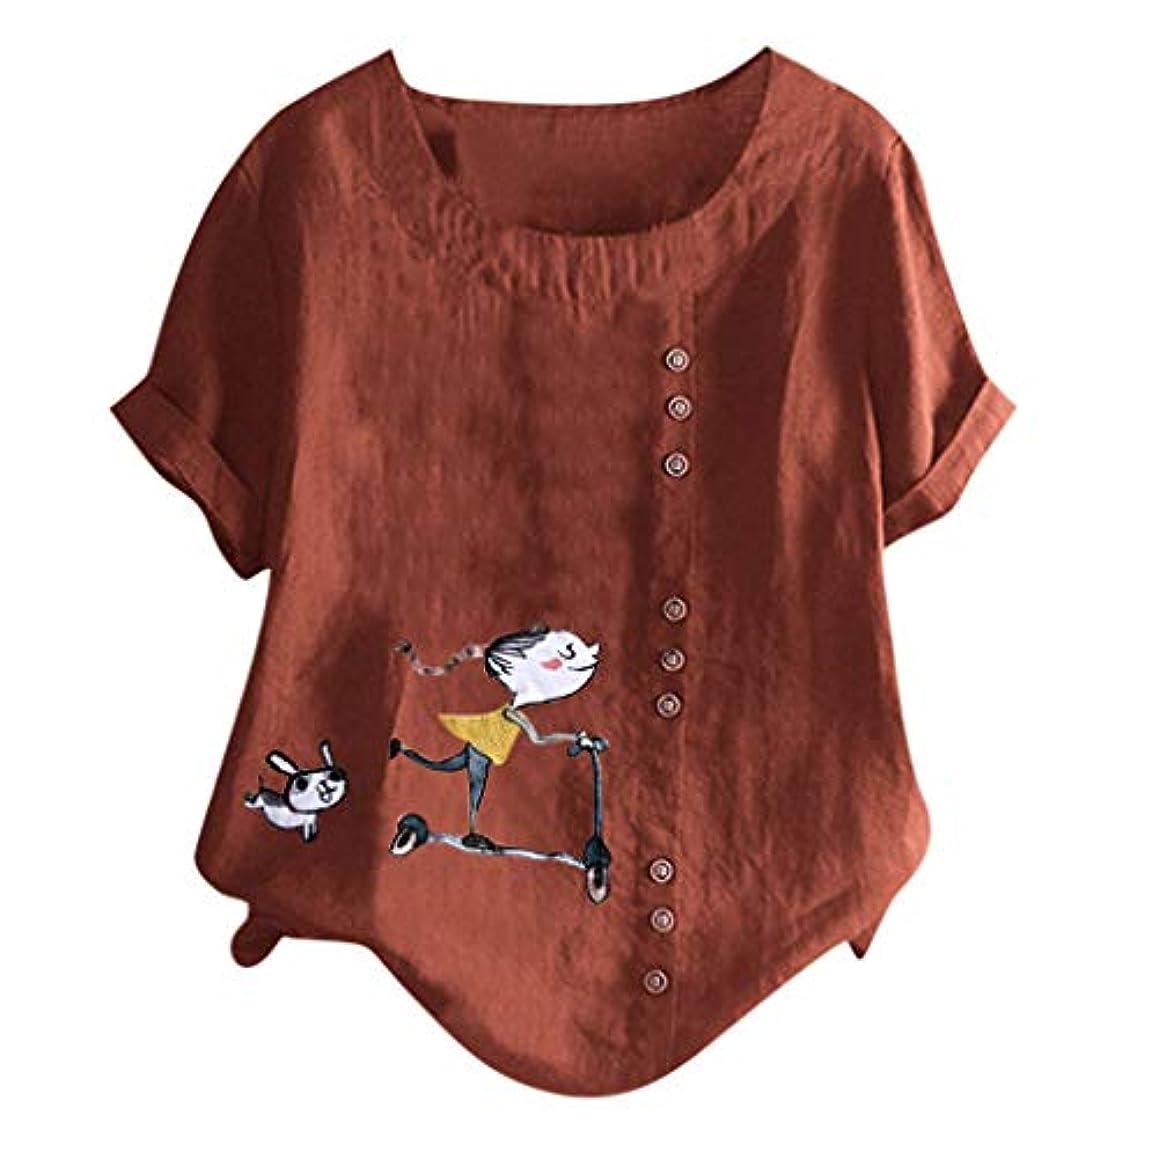 戦争牛肉代わりにAguleaph レディース Tシャツ おおきいサイズ 半袖 丸首 少女 ねこ 魚 花柄 トップス 学生 洋服 お出かけ ワイシャツ 流行り ブラウス 快適な 軽い 柔らかい かっこいい カジュアル シンプル オシャレ...